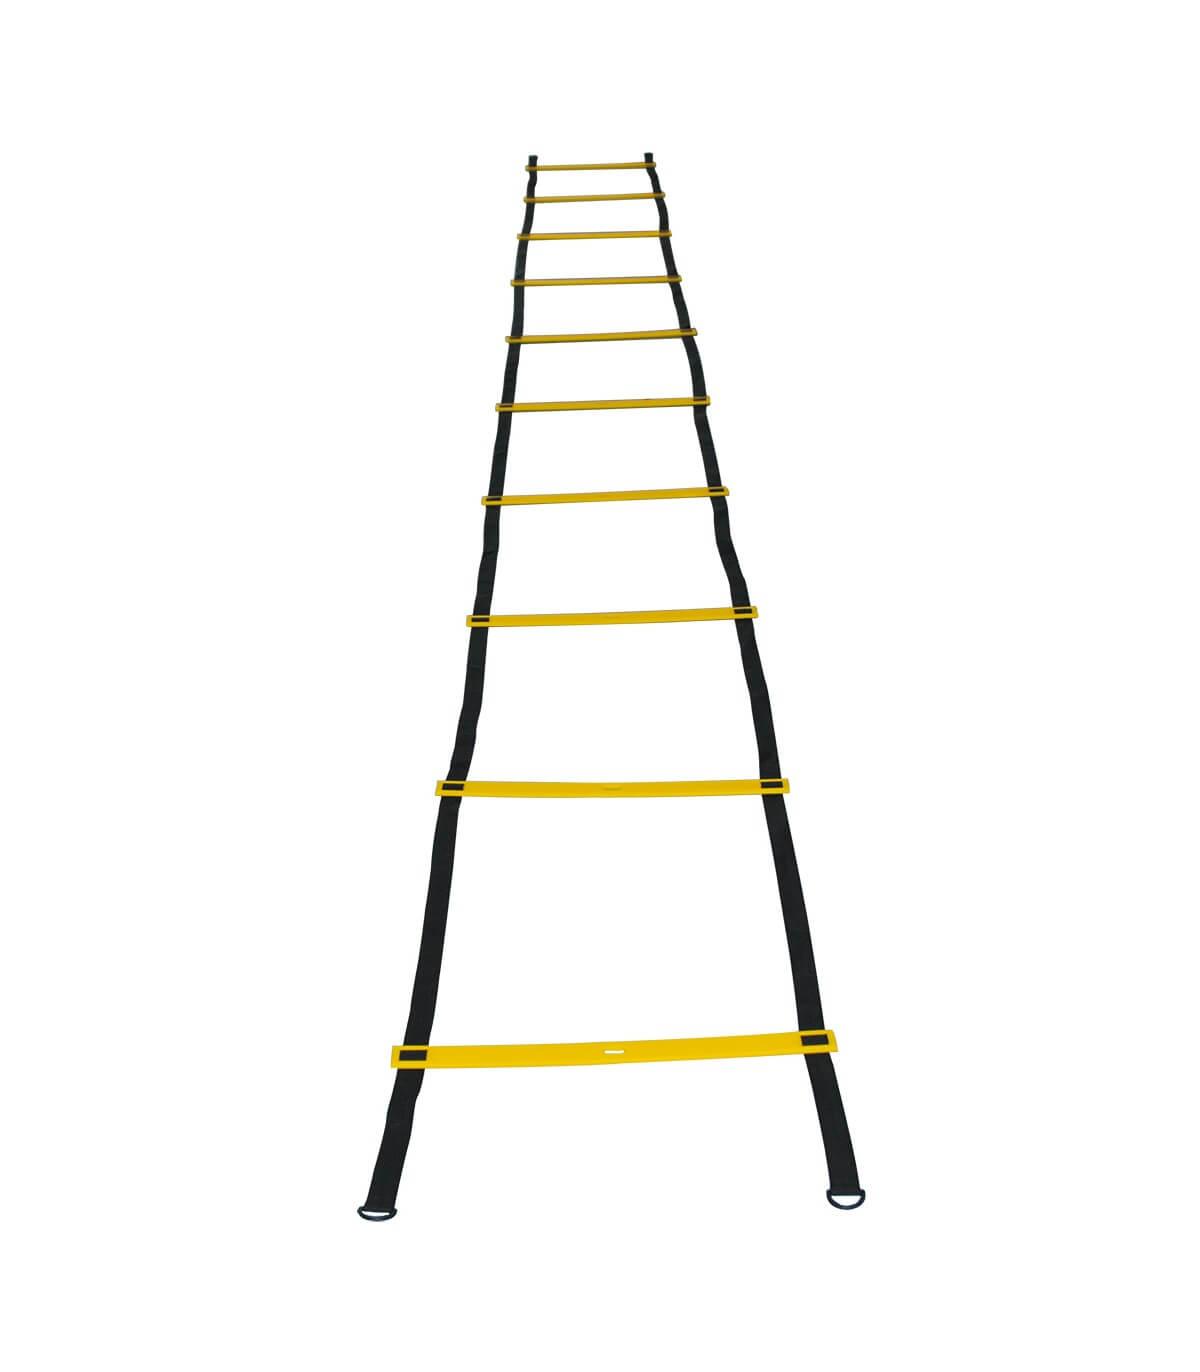 Ladder Agility Ladder